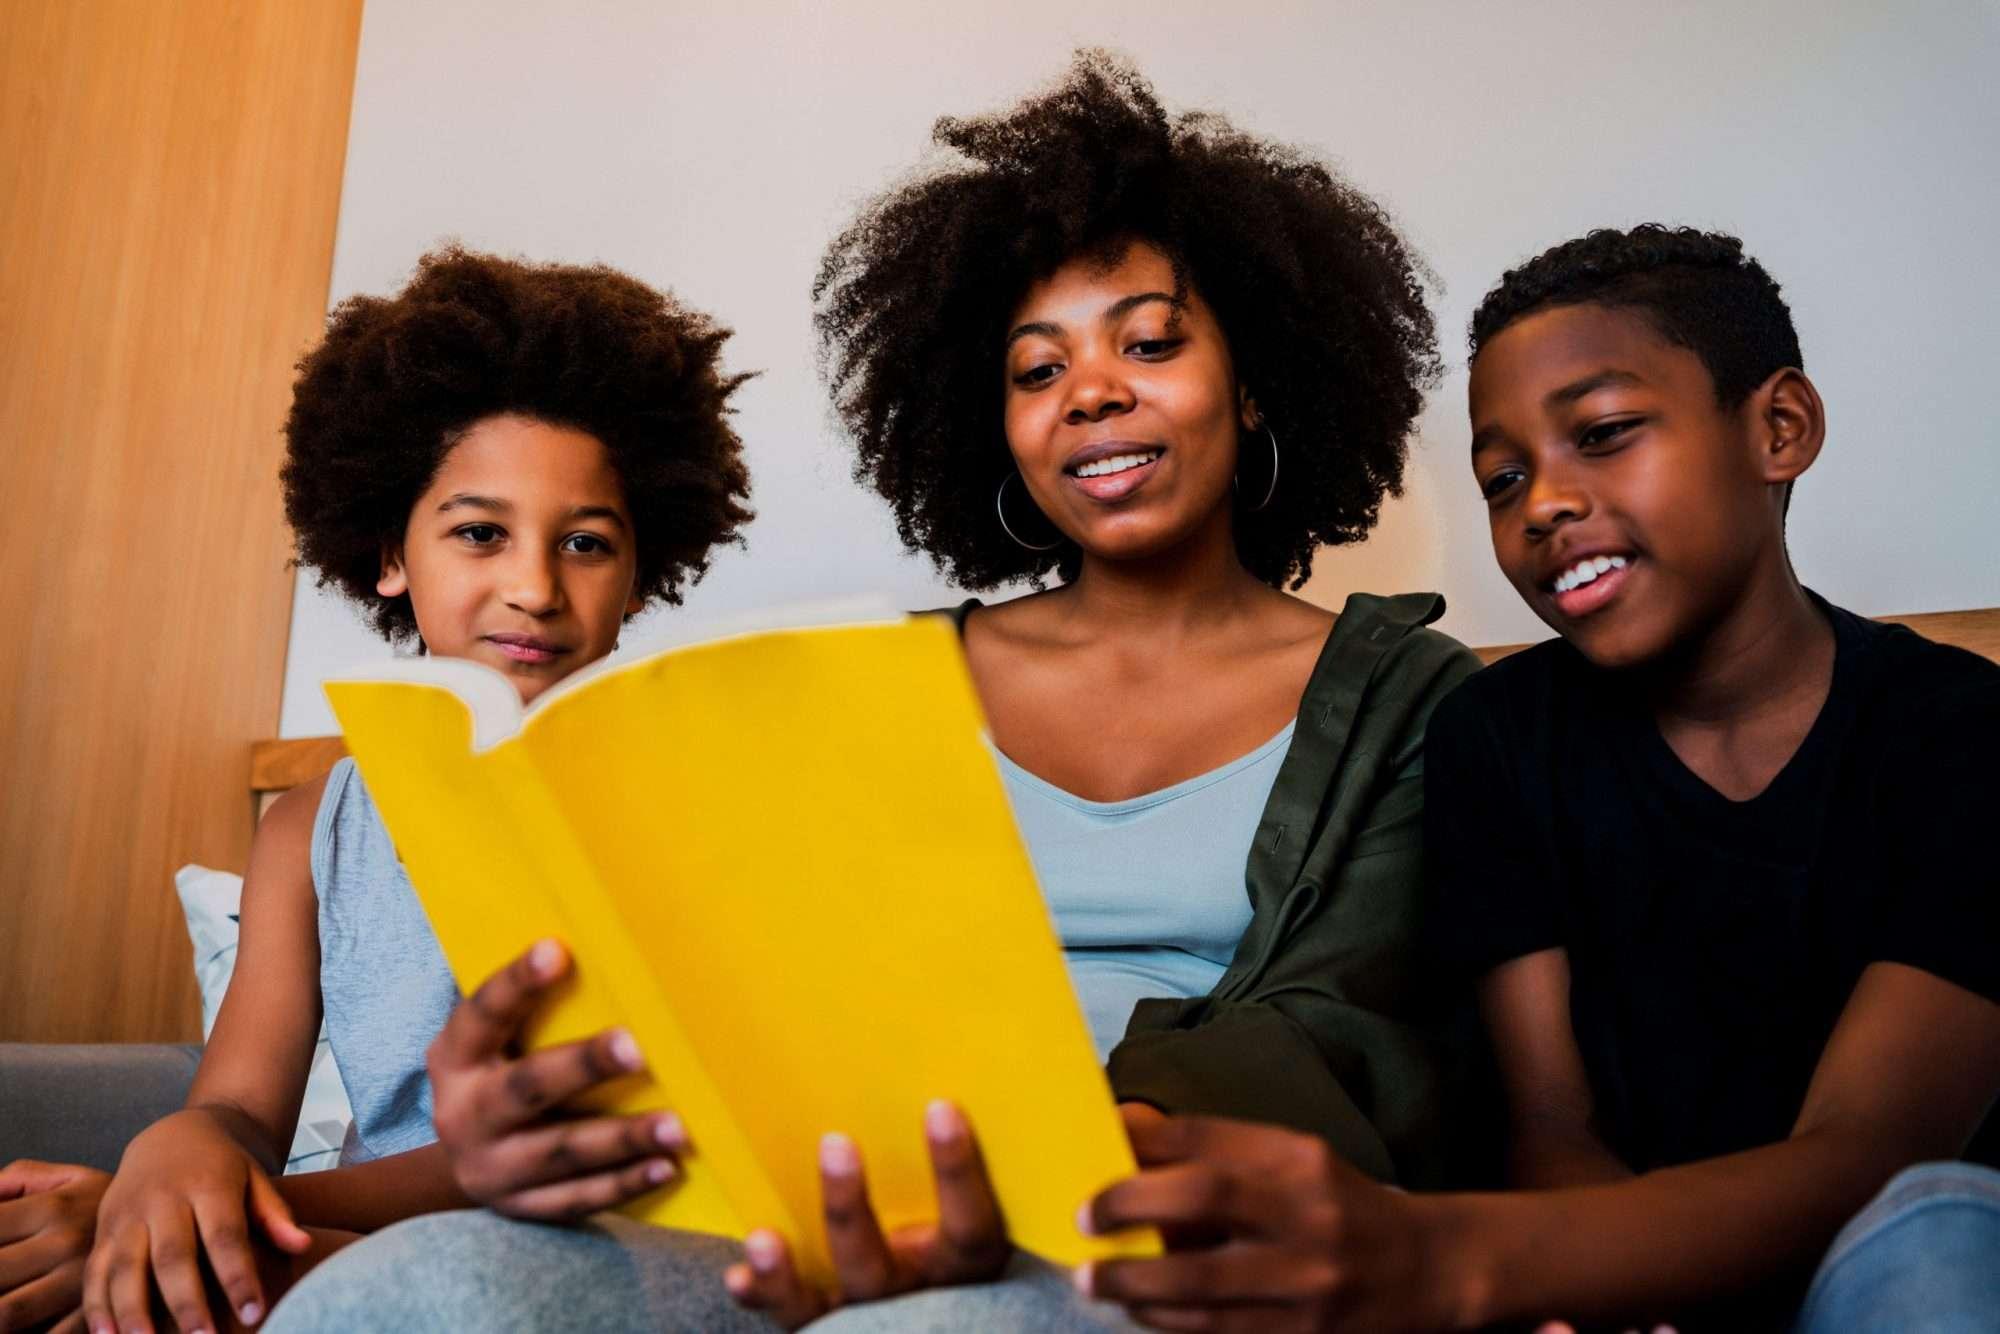 Para incentivar uma educação antirracista, hoje a Habitat Brasil indica três livros infantis que discutem a temática de forma lúdica e didática.